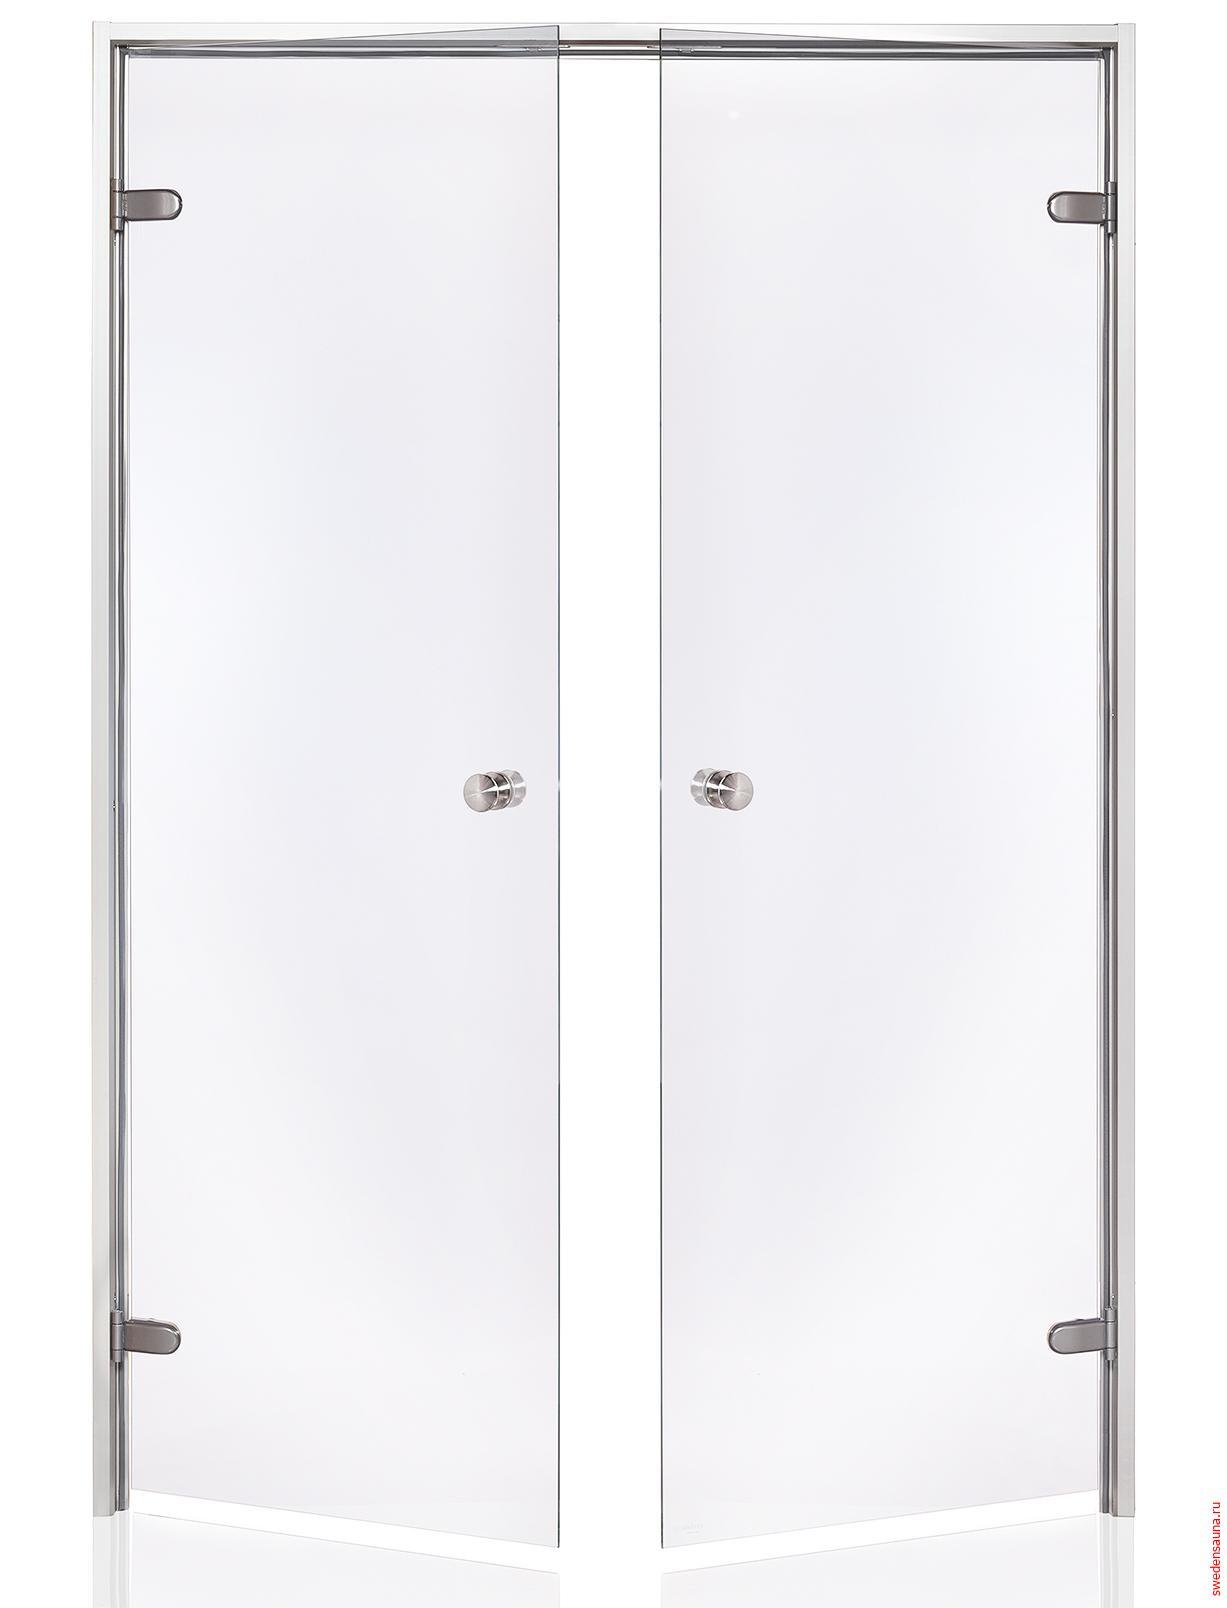 Дверь двойная Harvia ALU 17×21 стекло прозрачное - фото, описание, отзывы.